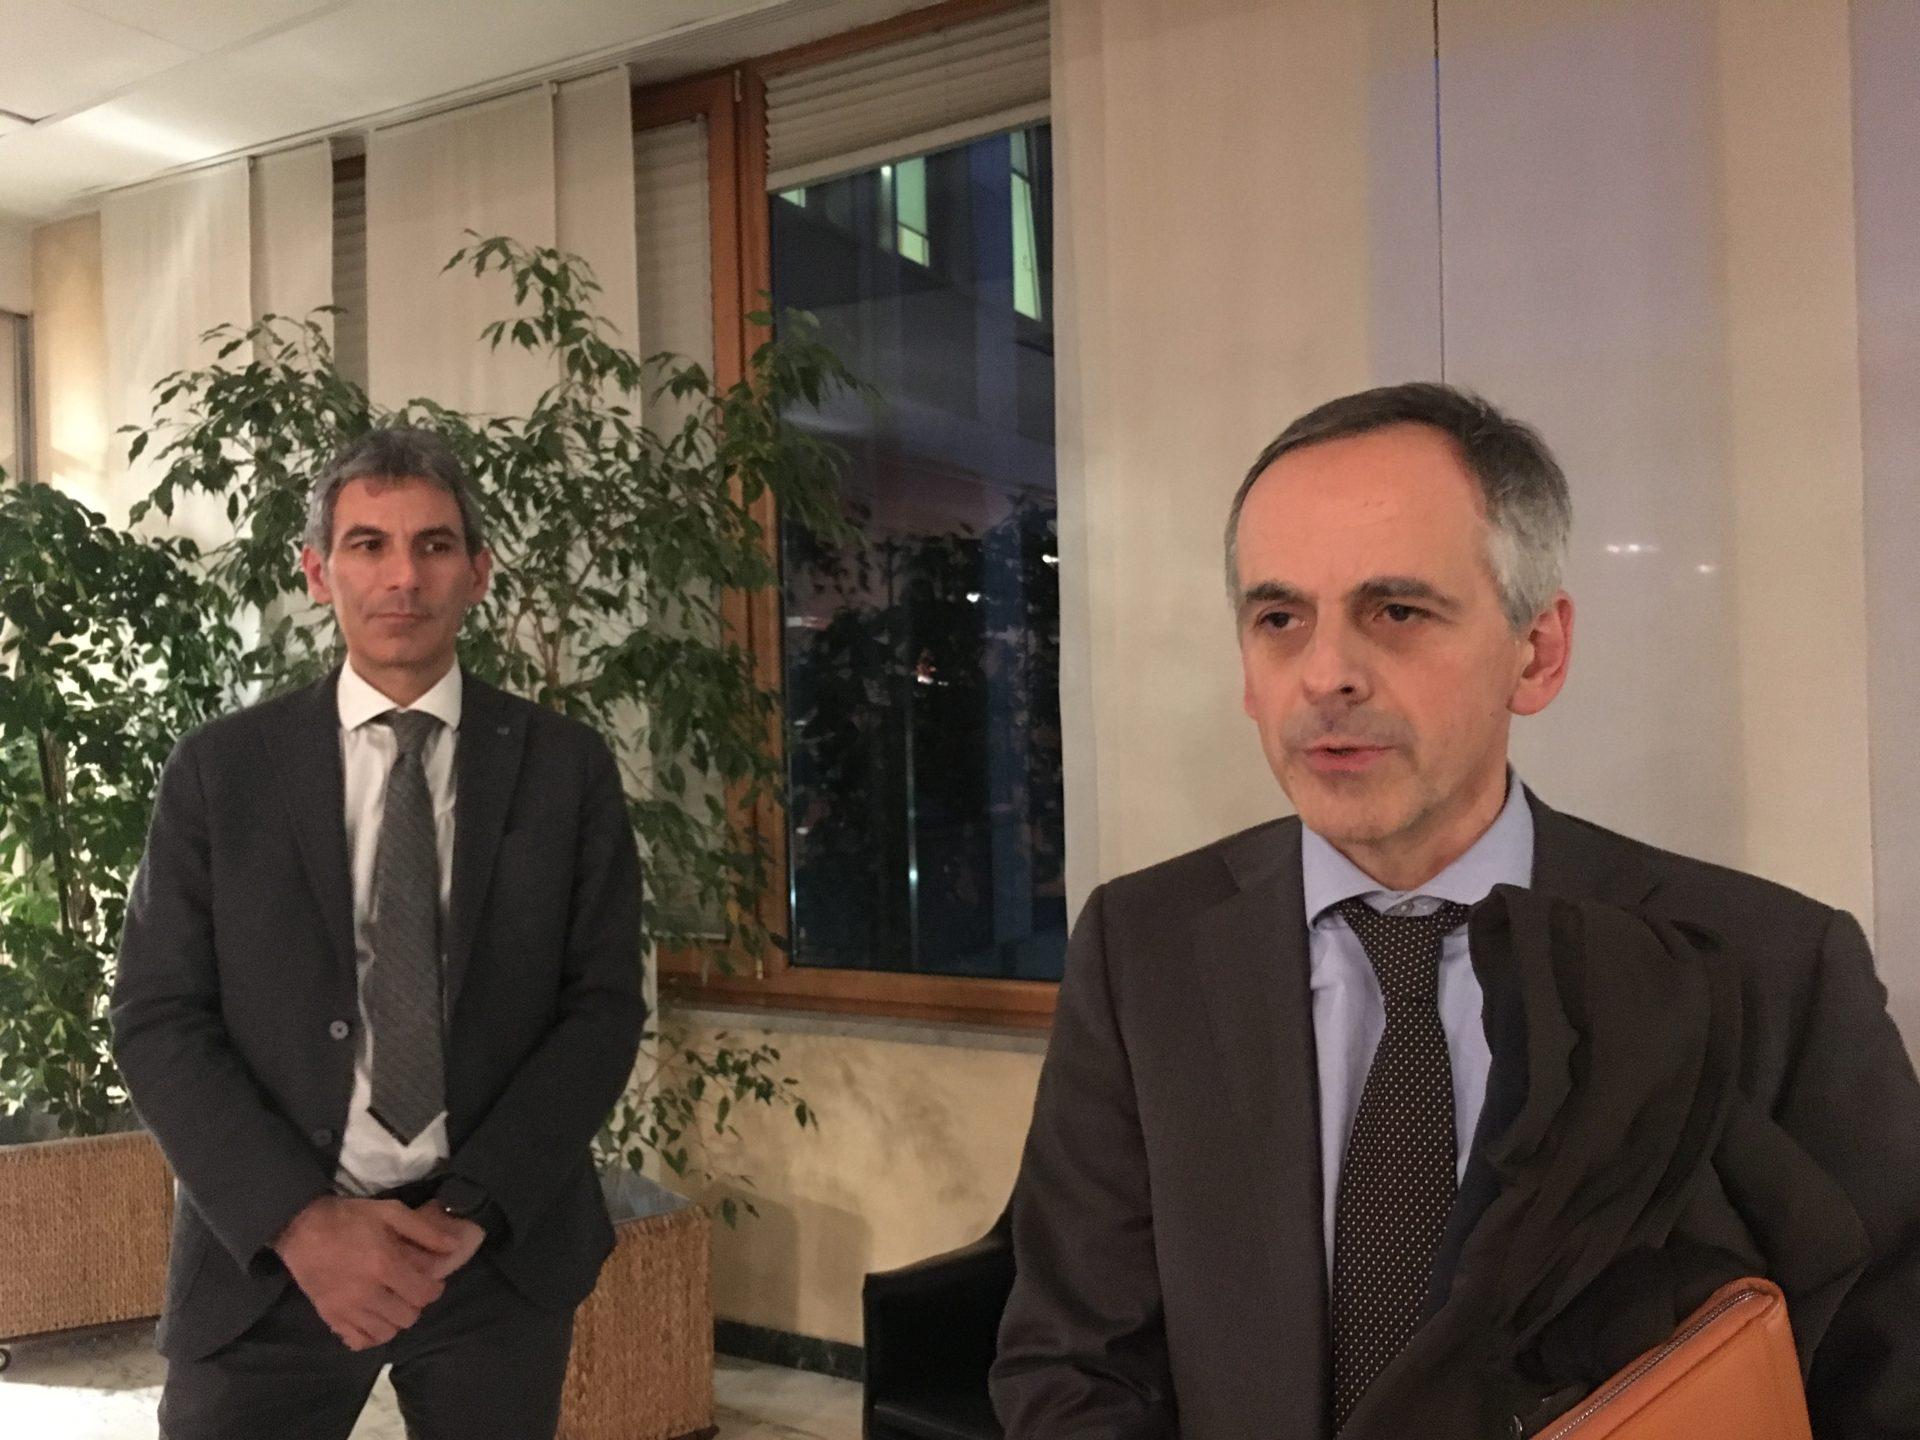 Marco Cantamessa e Enrico De Girolamo